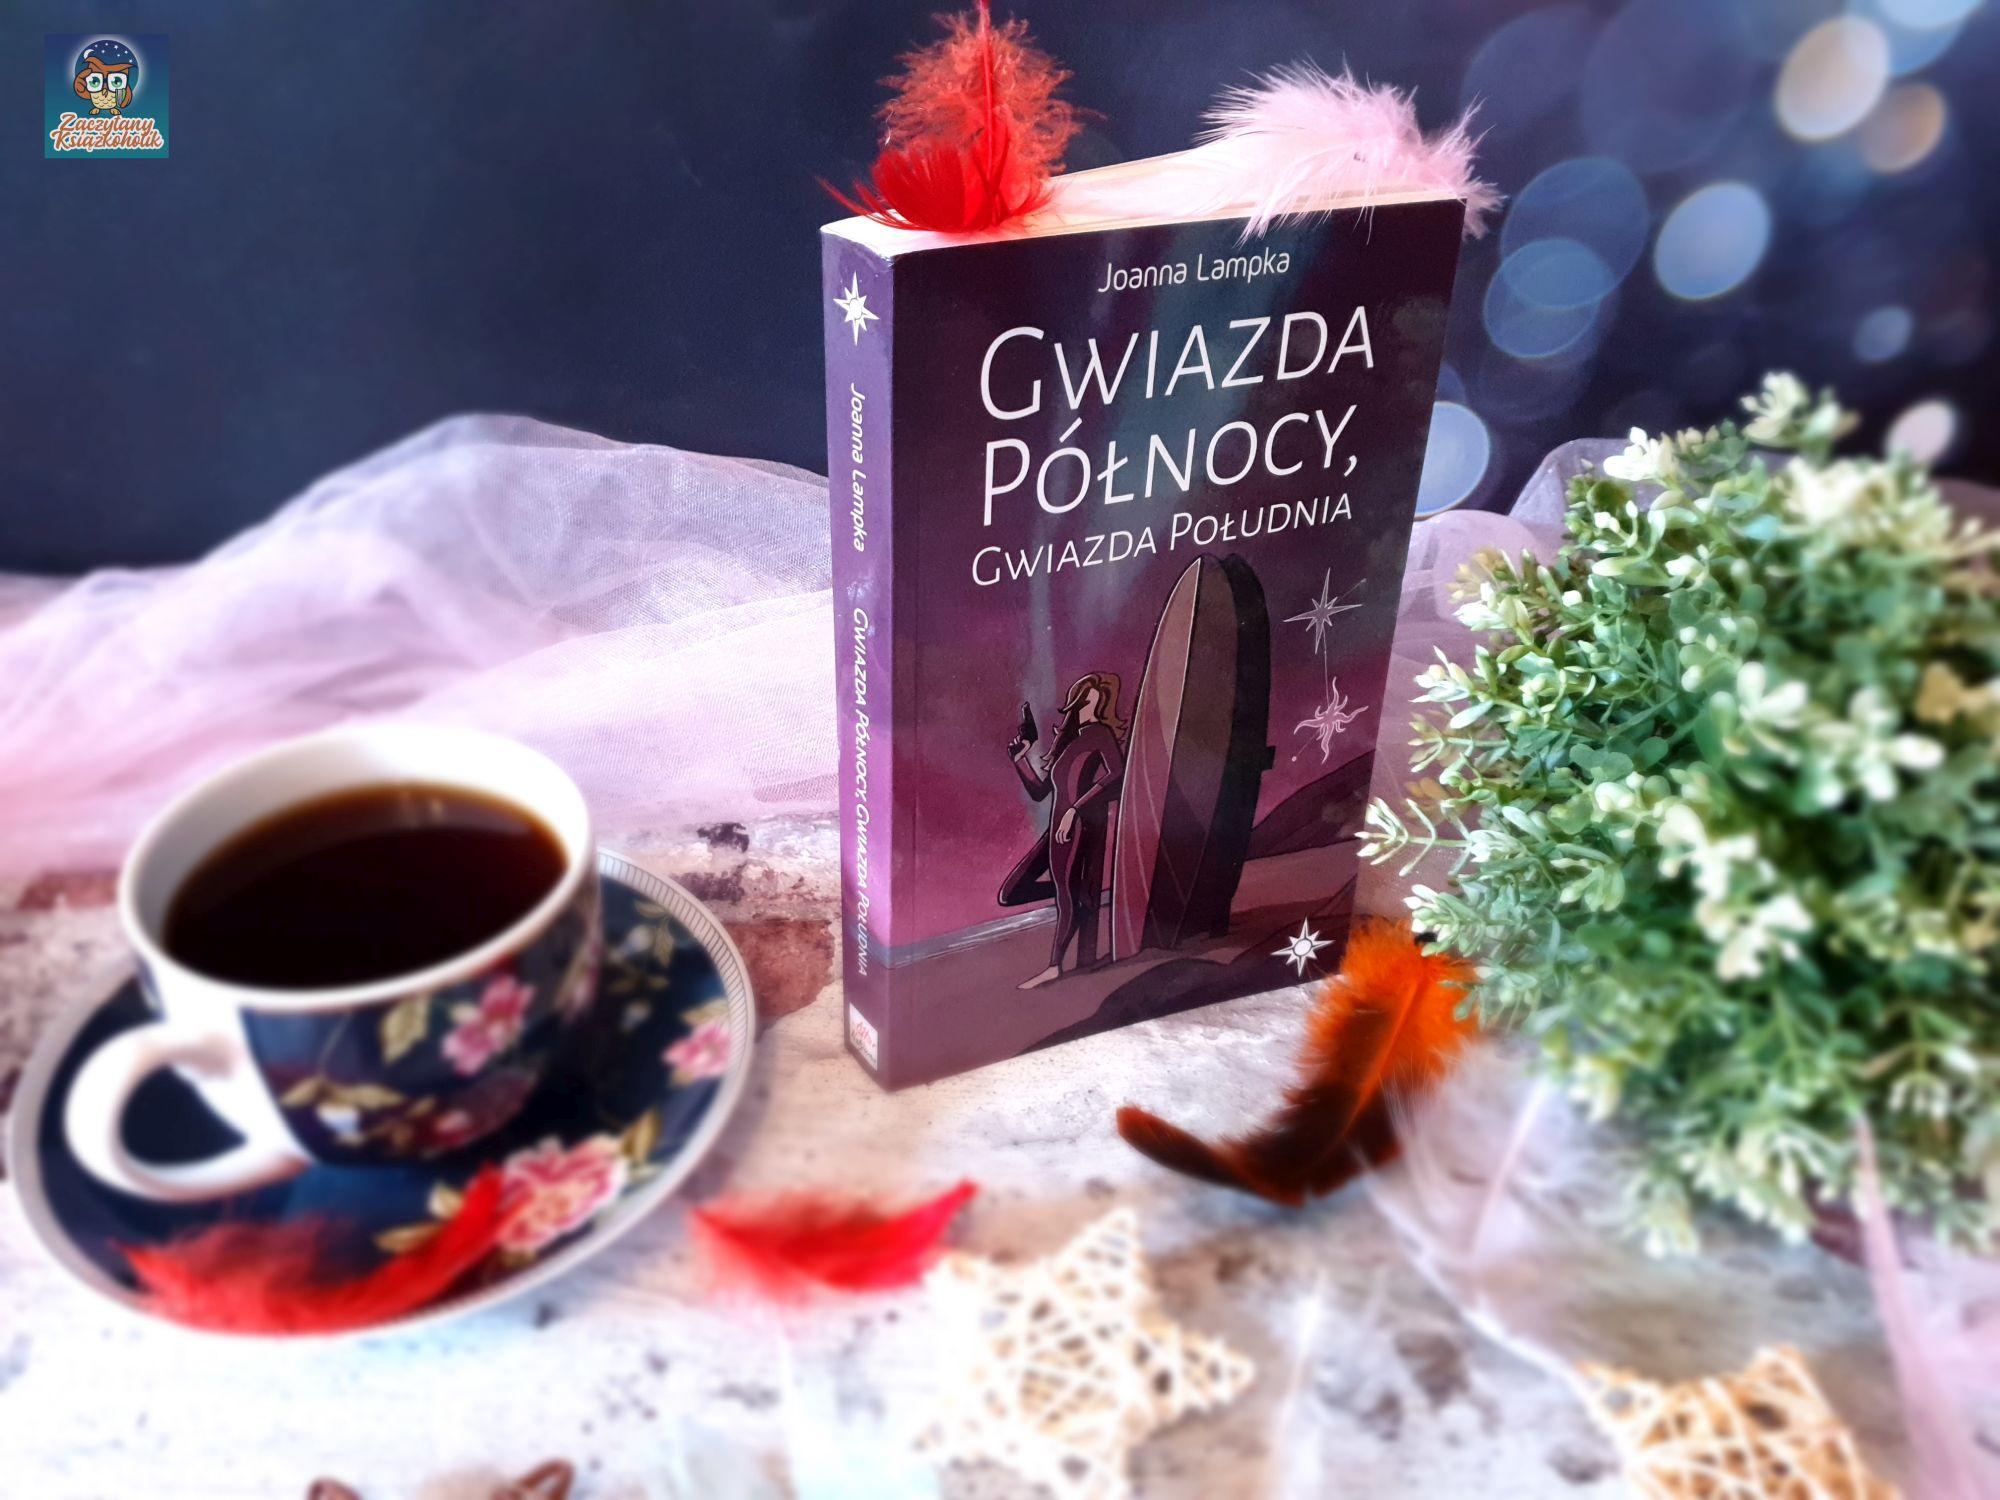 Gwiazda Północy, Gwiazda Południa, Joanna Lampka, zaczytanyksiazkoholik.pl